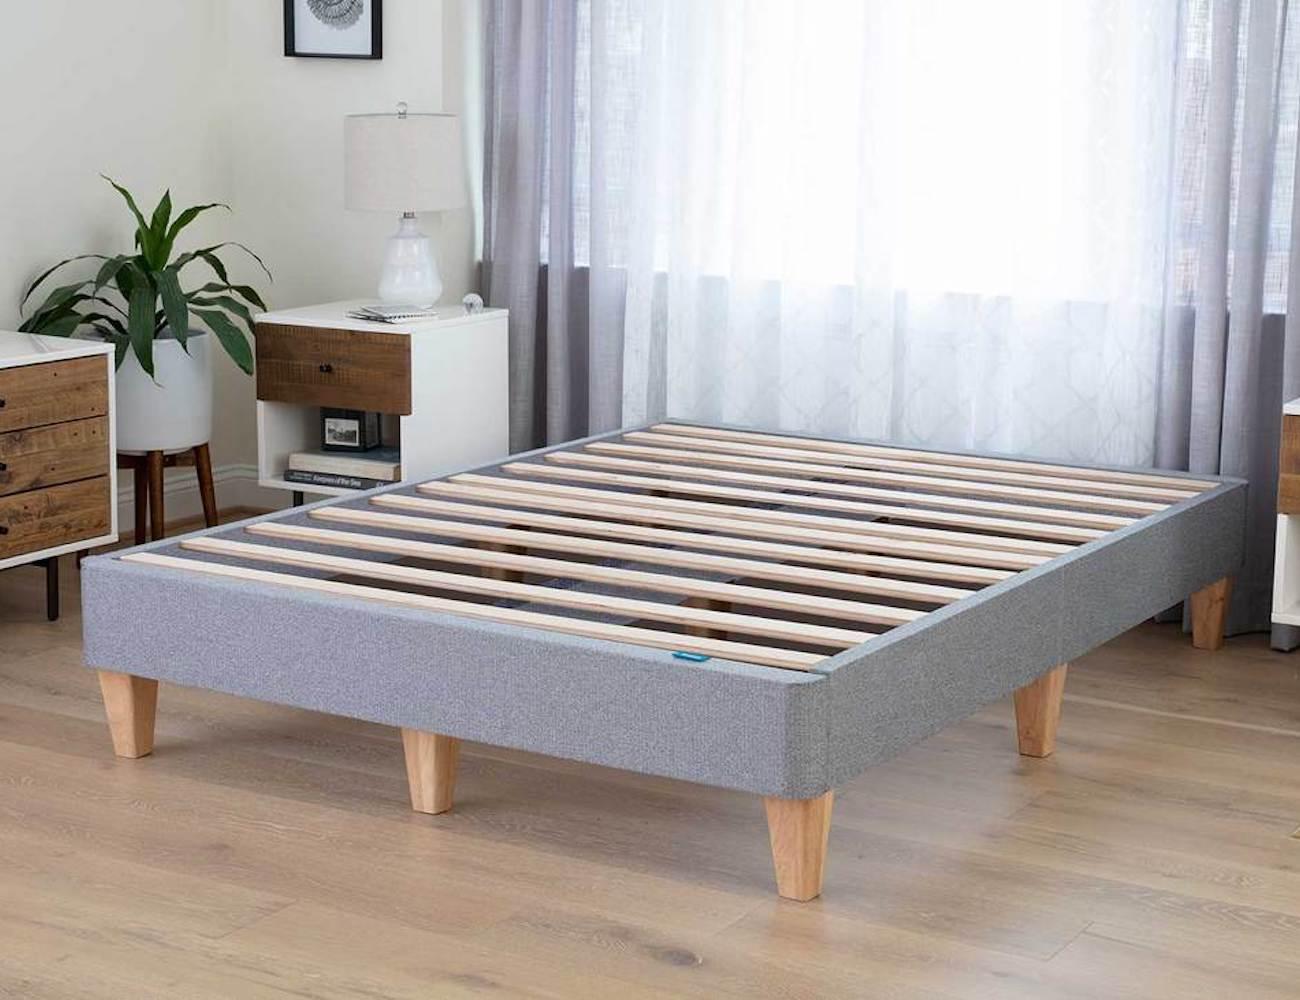 Leesa Platform Bed Easy Assembly Bed Frame eliminates your box spring